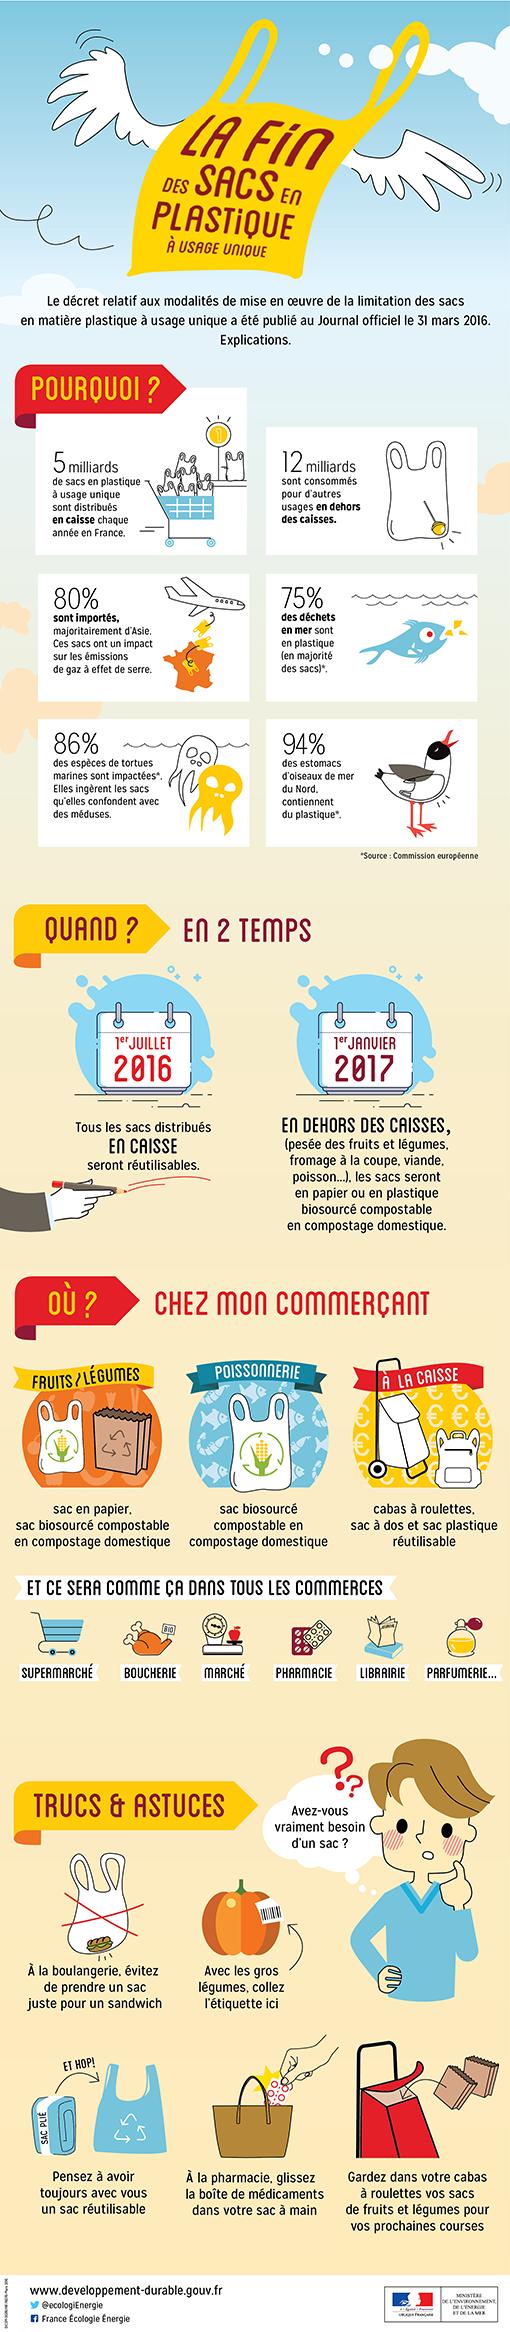 Interdiction Des Sacs Plastiques En 2016 : Les sacs plastiques distribu?s en caisse interdits ?